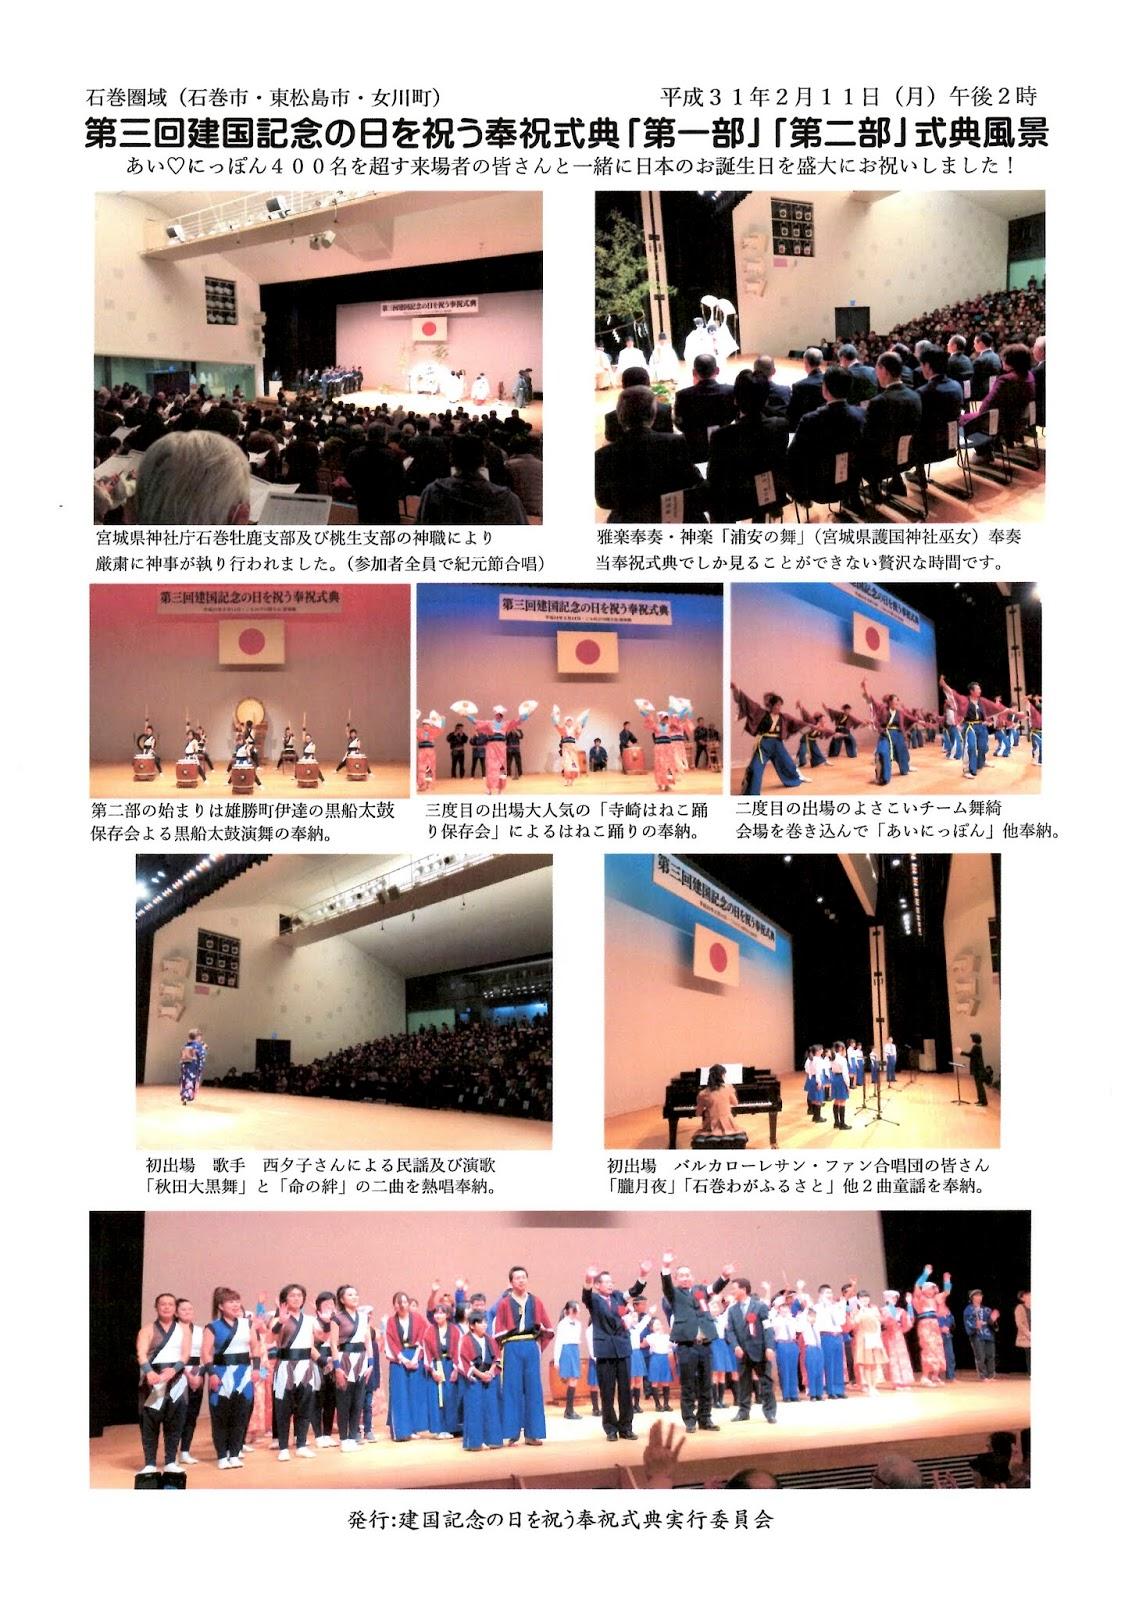 月 2 日 日 建国 11 の 記念